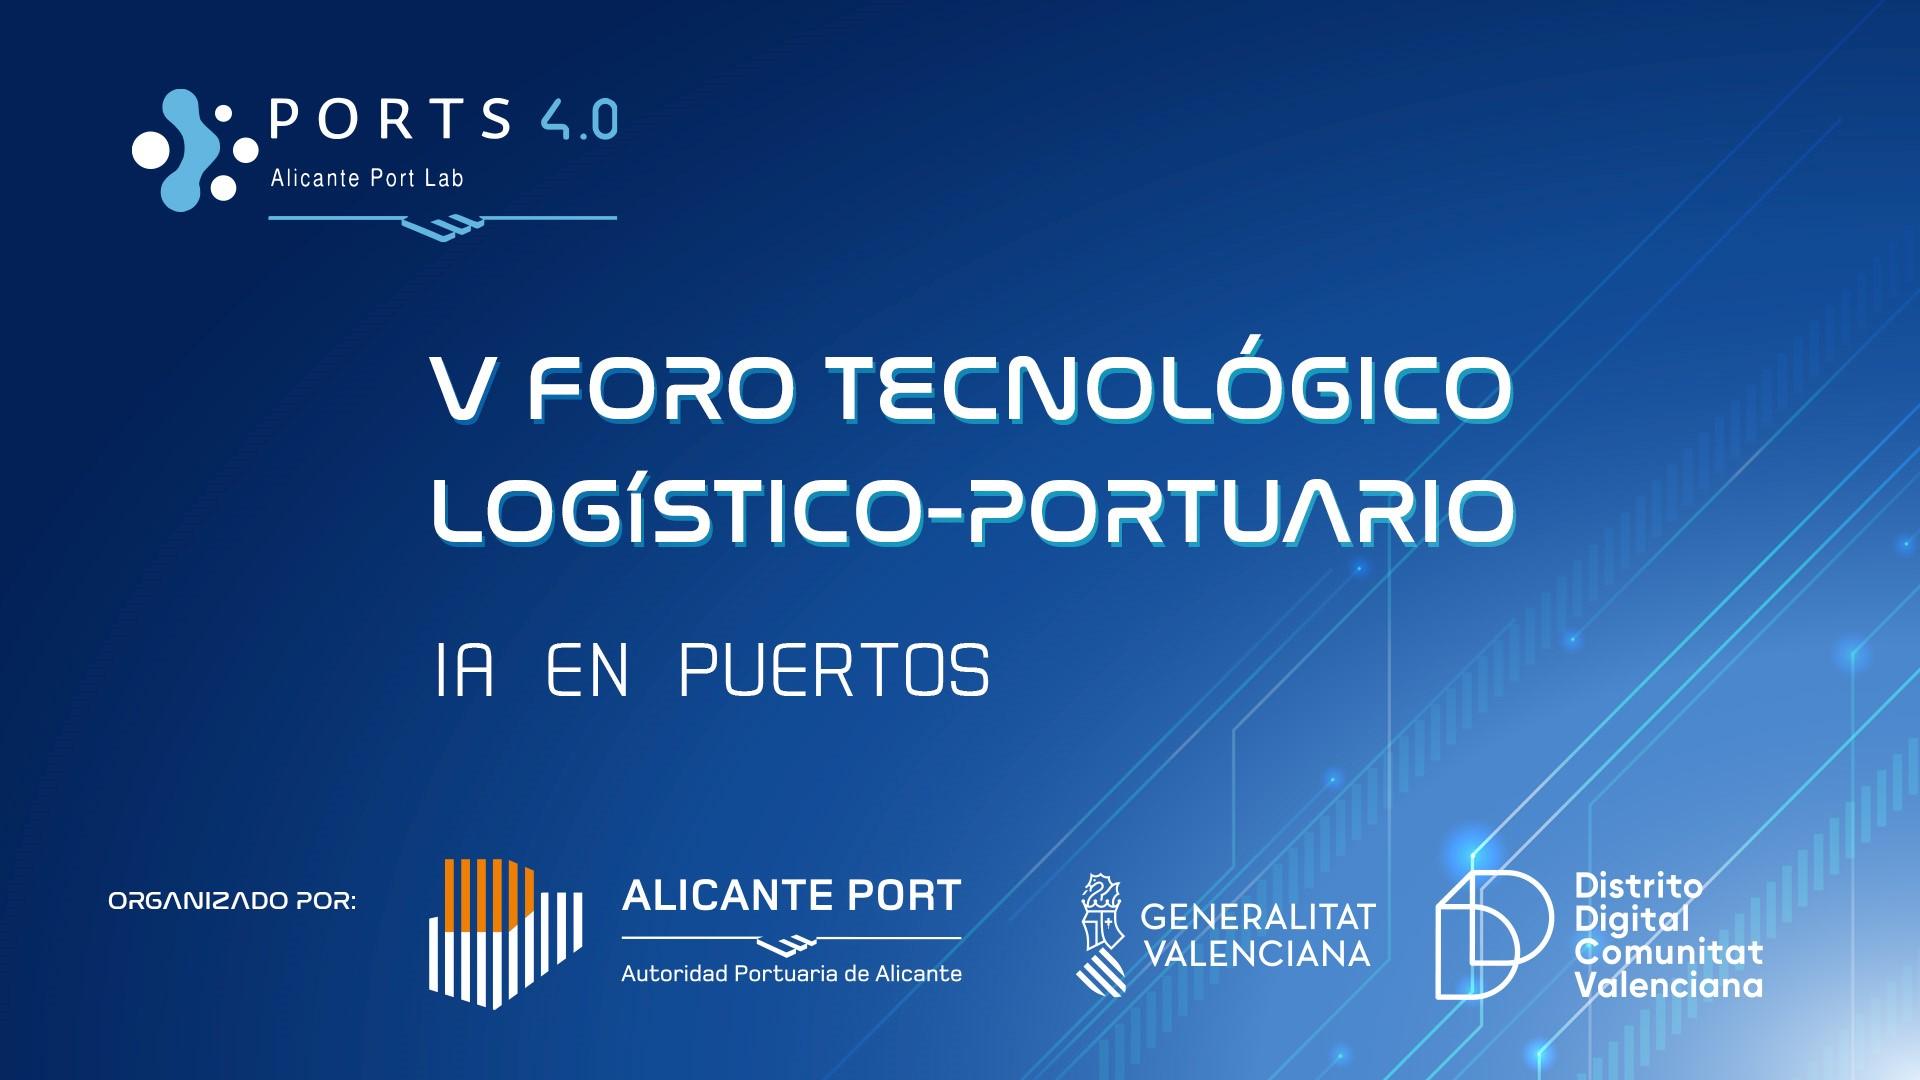 1millionbot participa el 14 de julio en el V Foro de Inteligencia Artificial en puertos organizado por la Autoridad Portuaria de Alicante y Distrito Digital